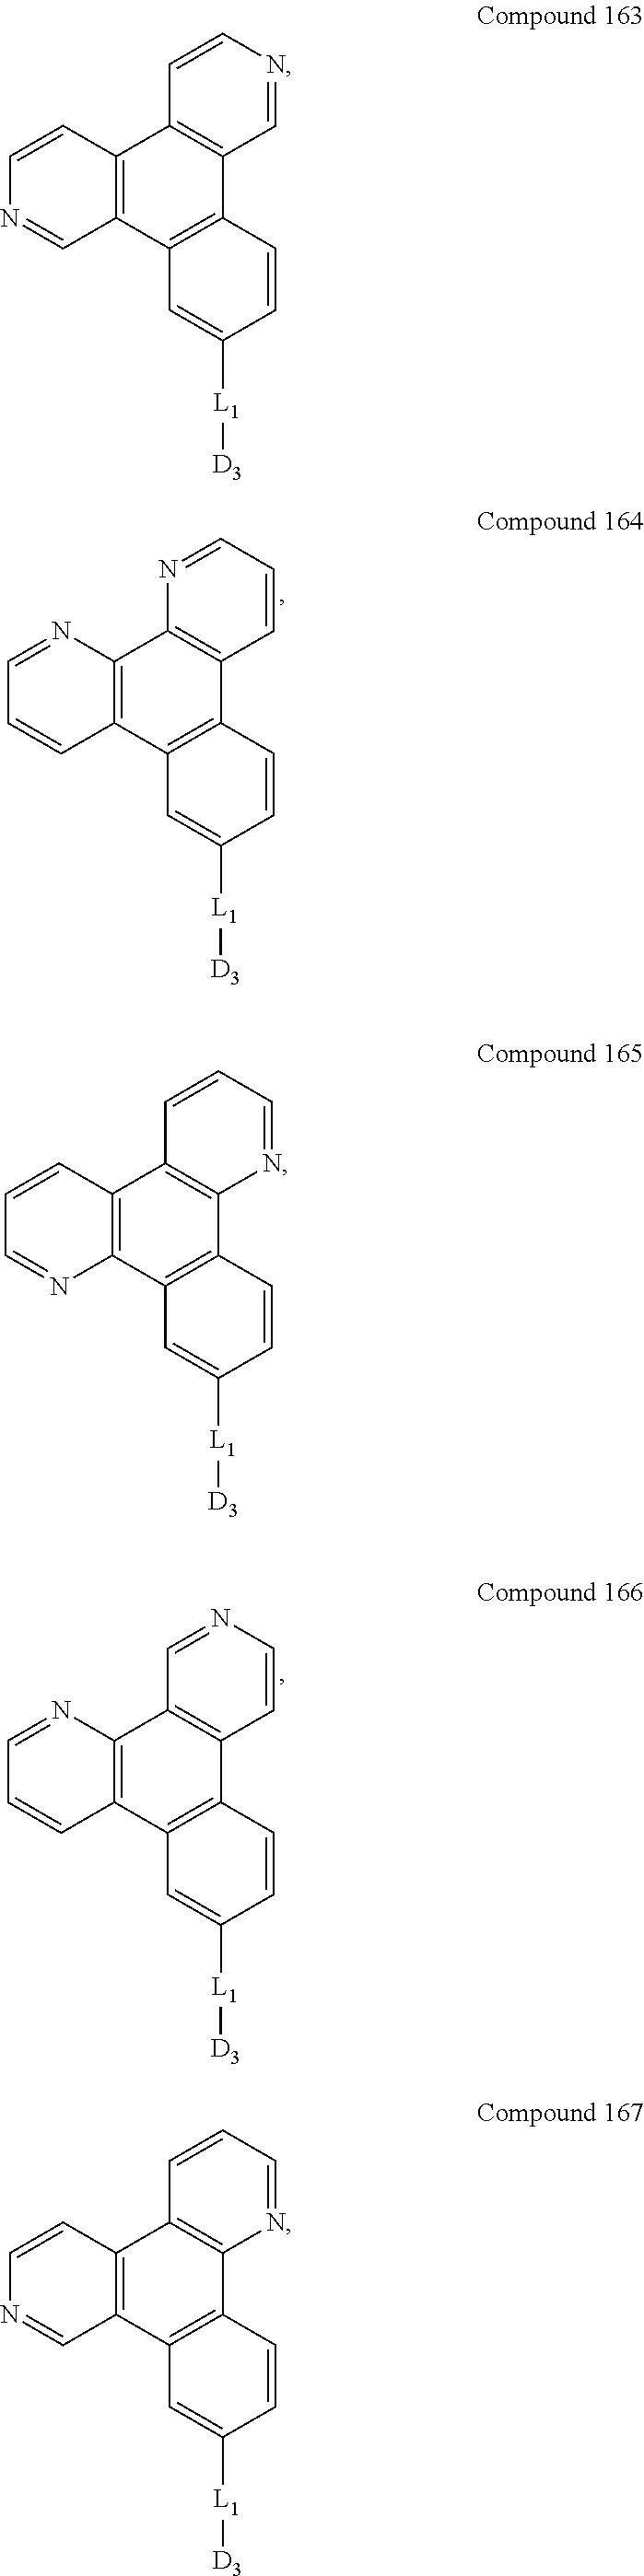 Figure US09537106-20170103-C00611